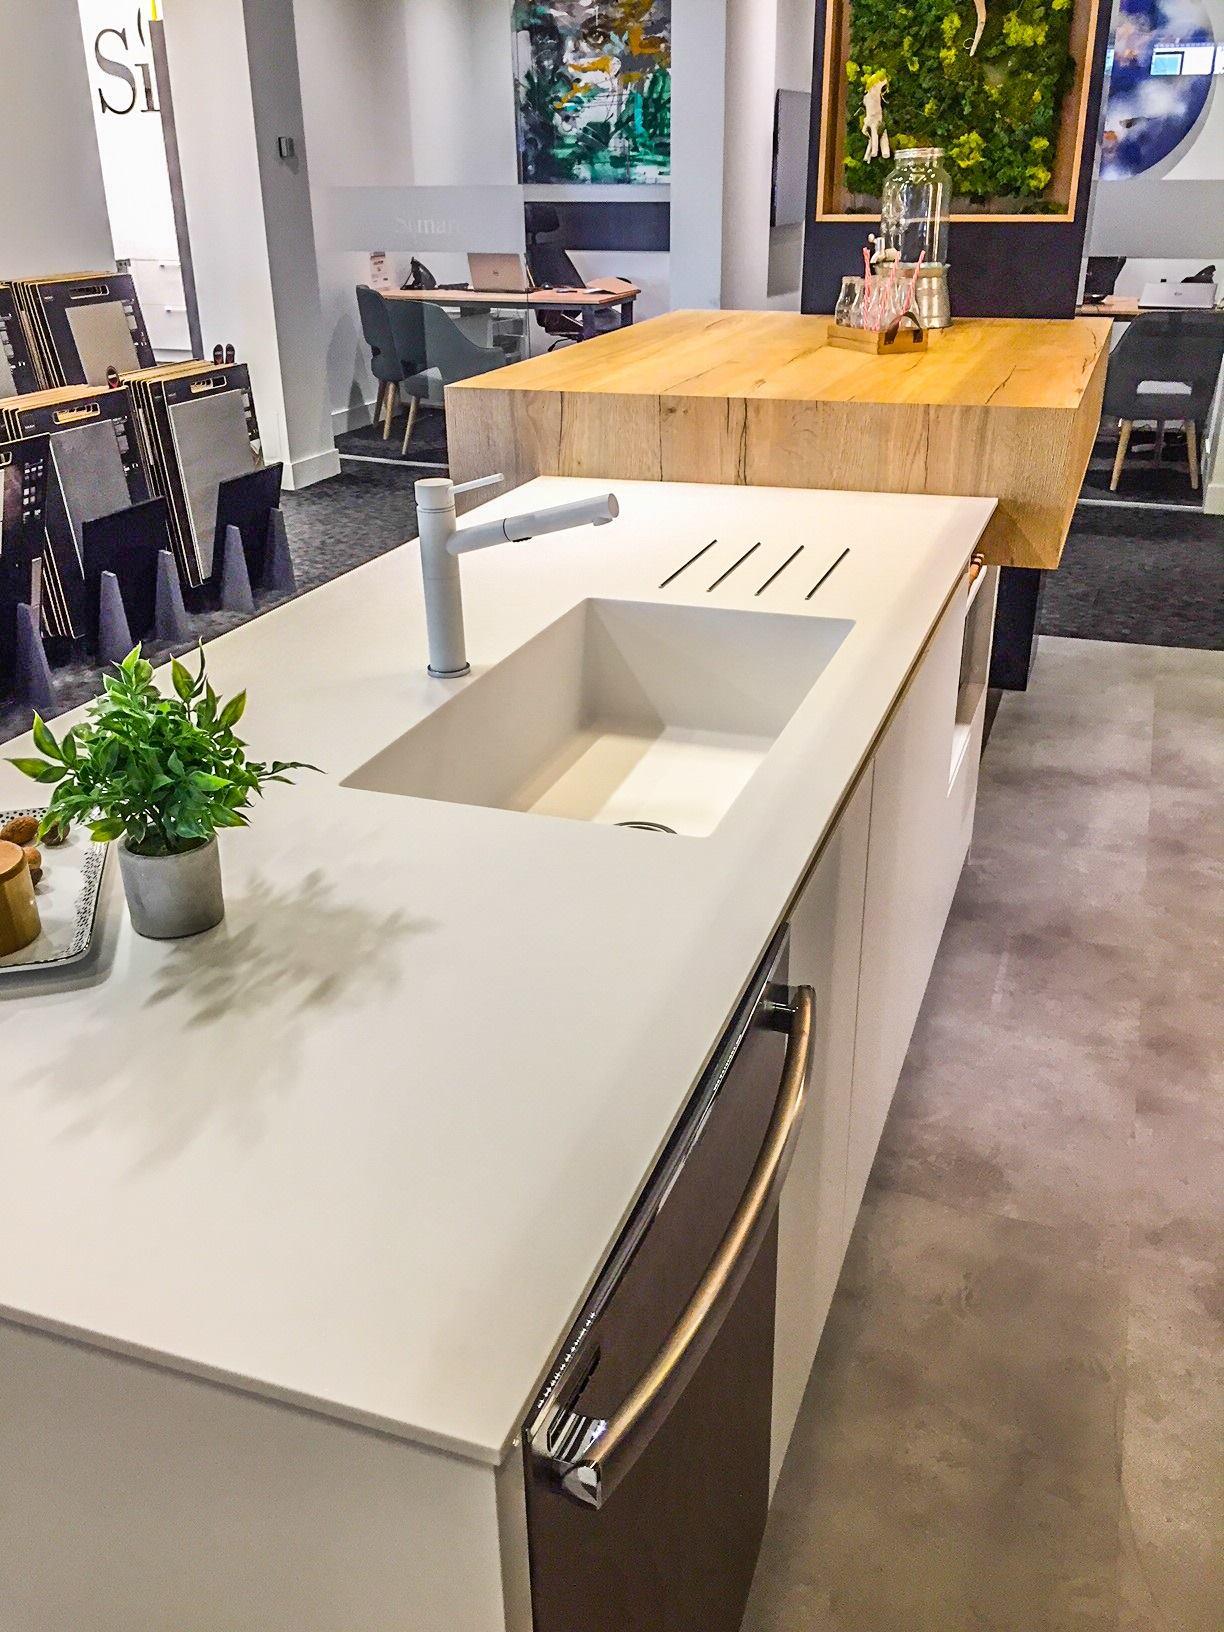 Solid Surface Kami Countertops